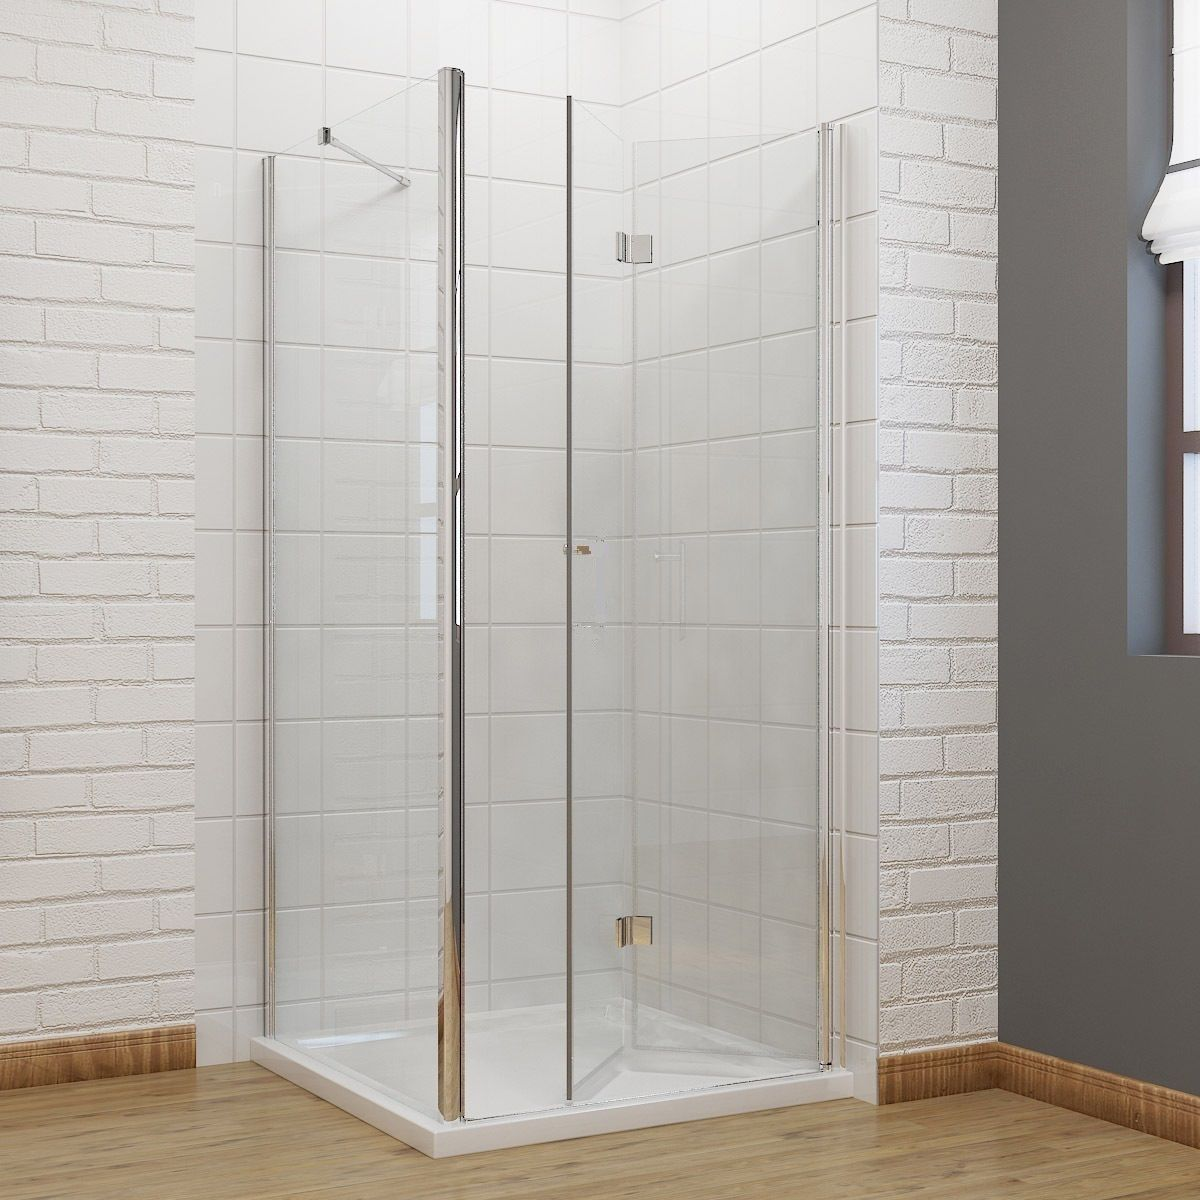 Productafbeelding van Badstuber Smart douchecabine met vouwdeur 100x100cm rechts